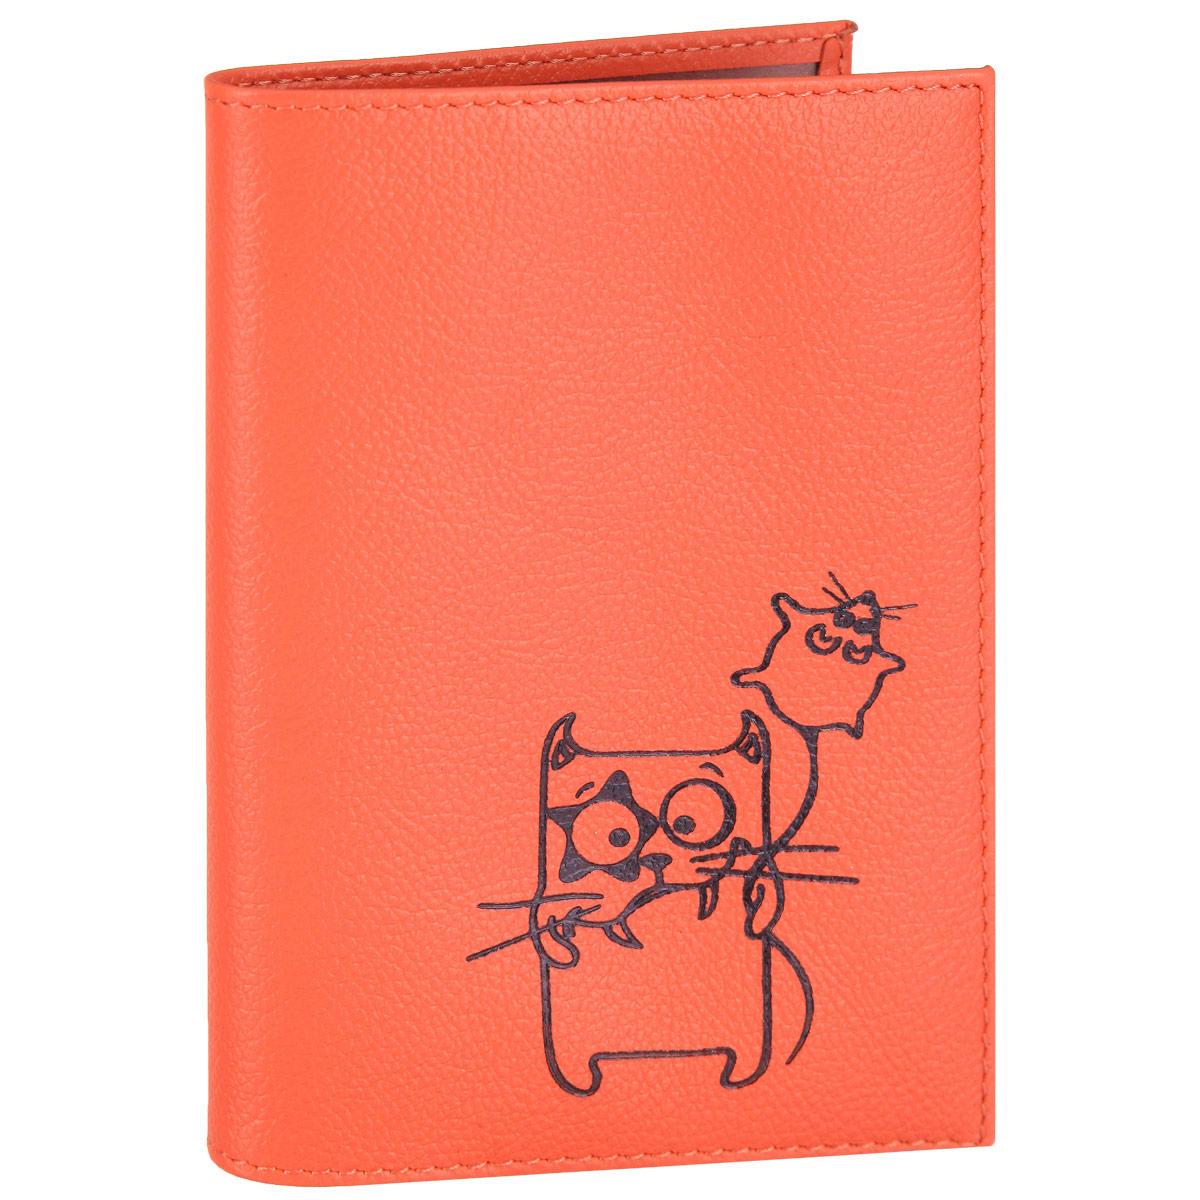 Обложка для паспорта Fabula Friends цвет: грейпфрут. O.30.CHO.30.CH. грейпфрутСтильная обложка для паспорта Fabula Friends выполнена из натуральной кожи с зернистой текстурой, оформлена художественной печатью с изображением забавного котика. Обложка для паспорта раскладывается пополам, внутри расположены два пластиковых кармашка. Такая обложка для паспорта станет прекрасным и стильным подарком человеку, любящему оригинальные и практичные вещи.